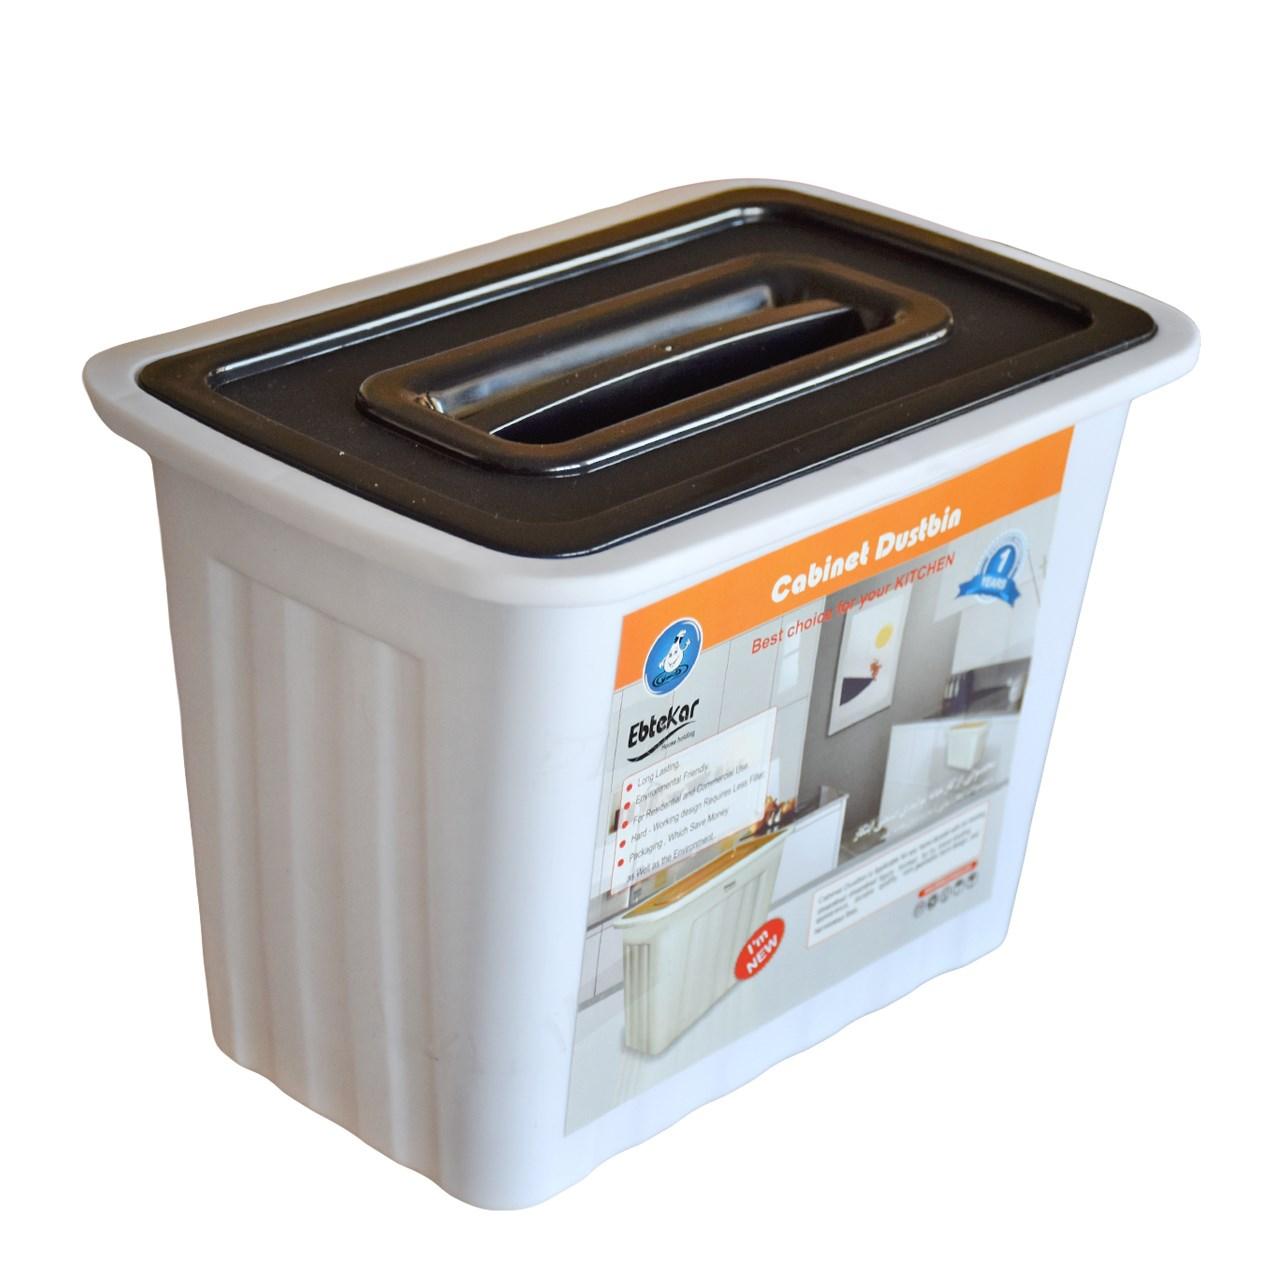 سطل زباله آویز کابینتی ابتکار کد EB02001